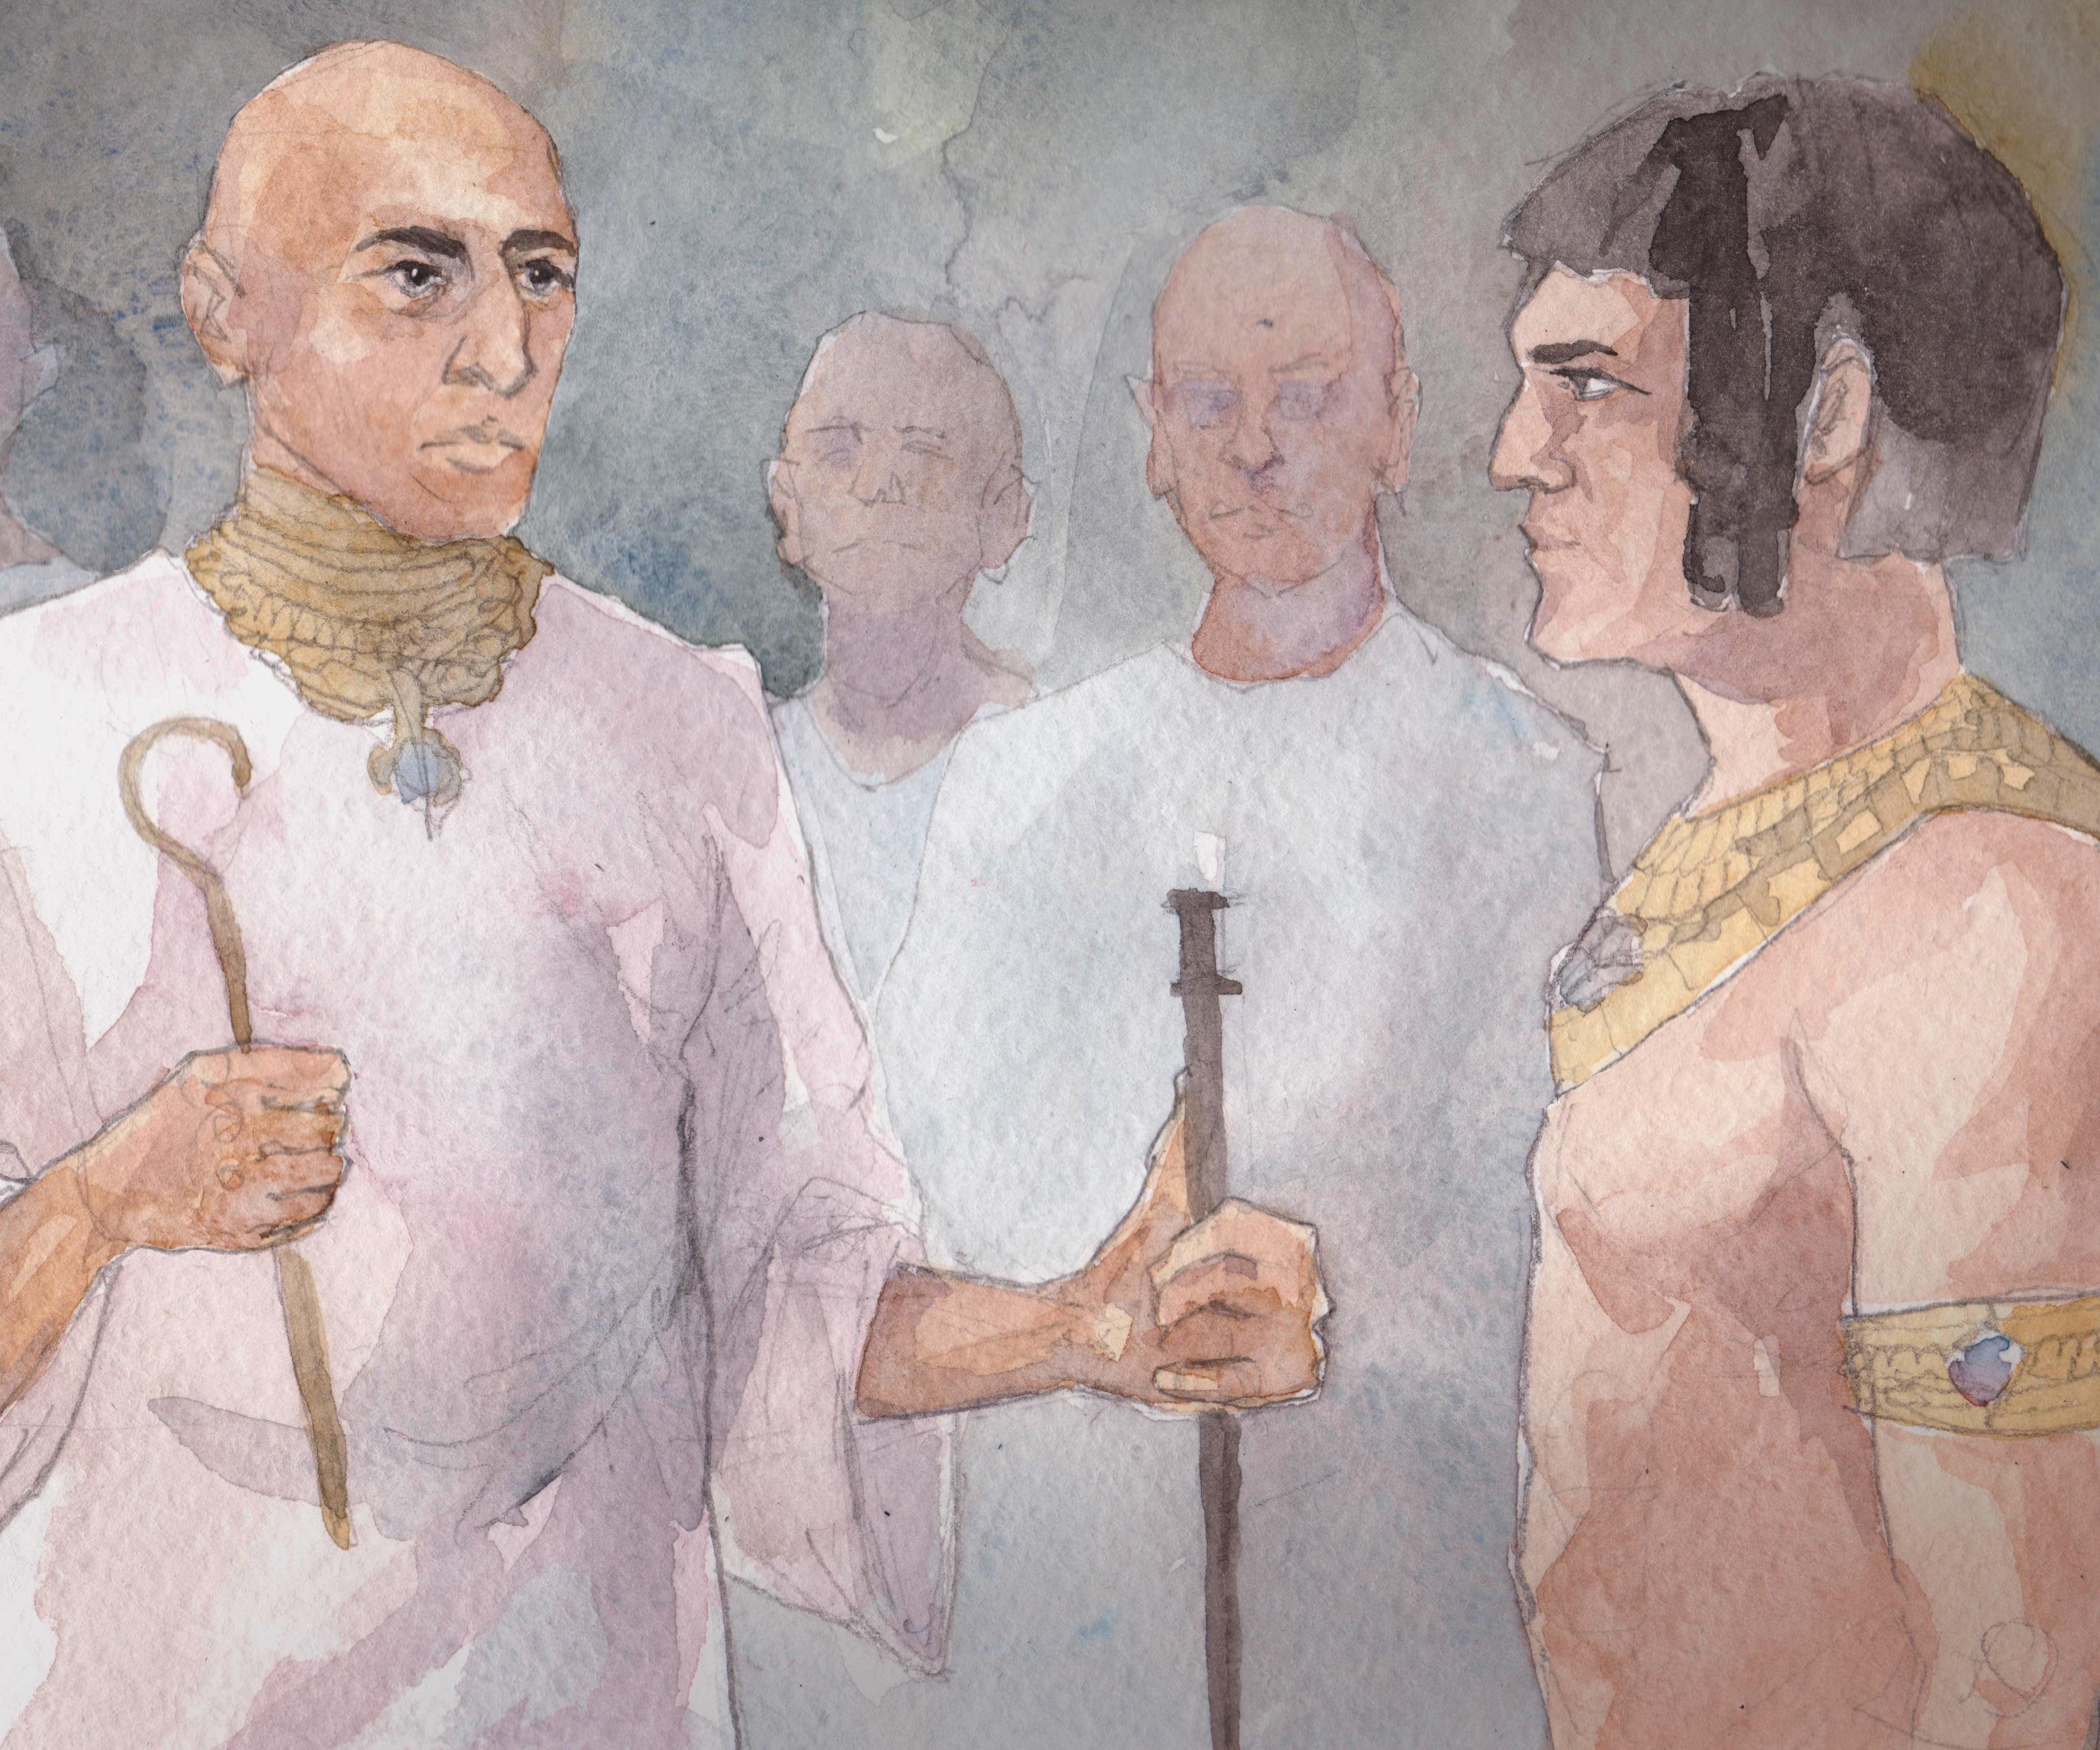 Картинки по запросу Фото. Процесс. Дело об убийстве Рамзеса III С именем Рамзеса III ассоциируются последние годы могущества Египта, чьи владения простирались от нижних порогов Нила на юге до пределов Евфрата на востоке.